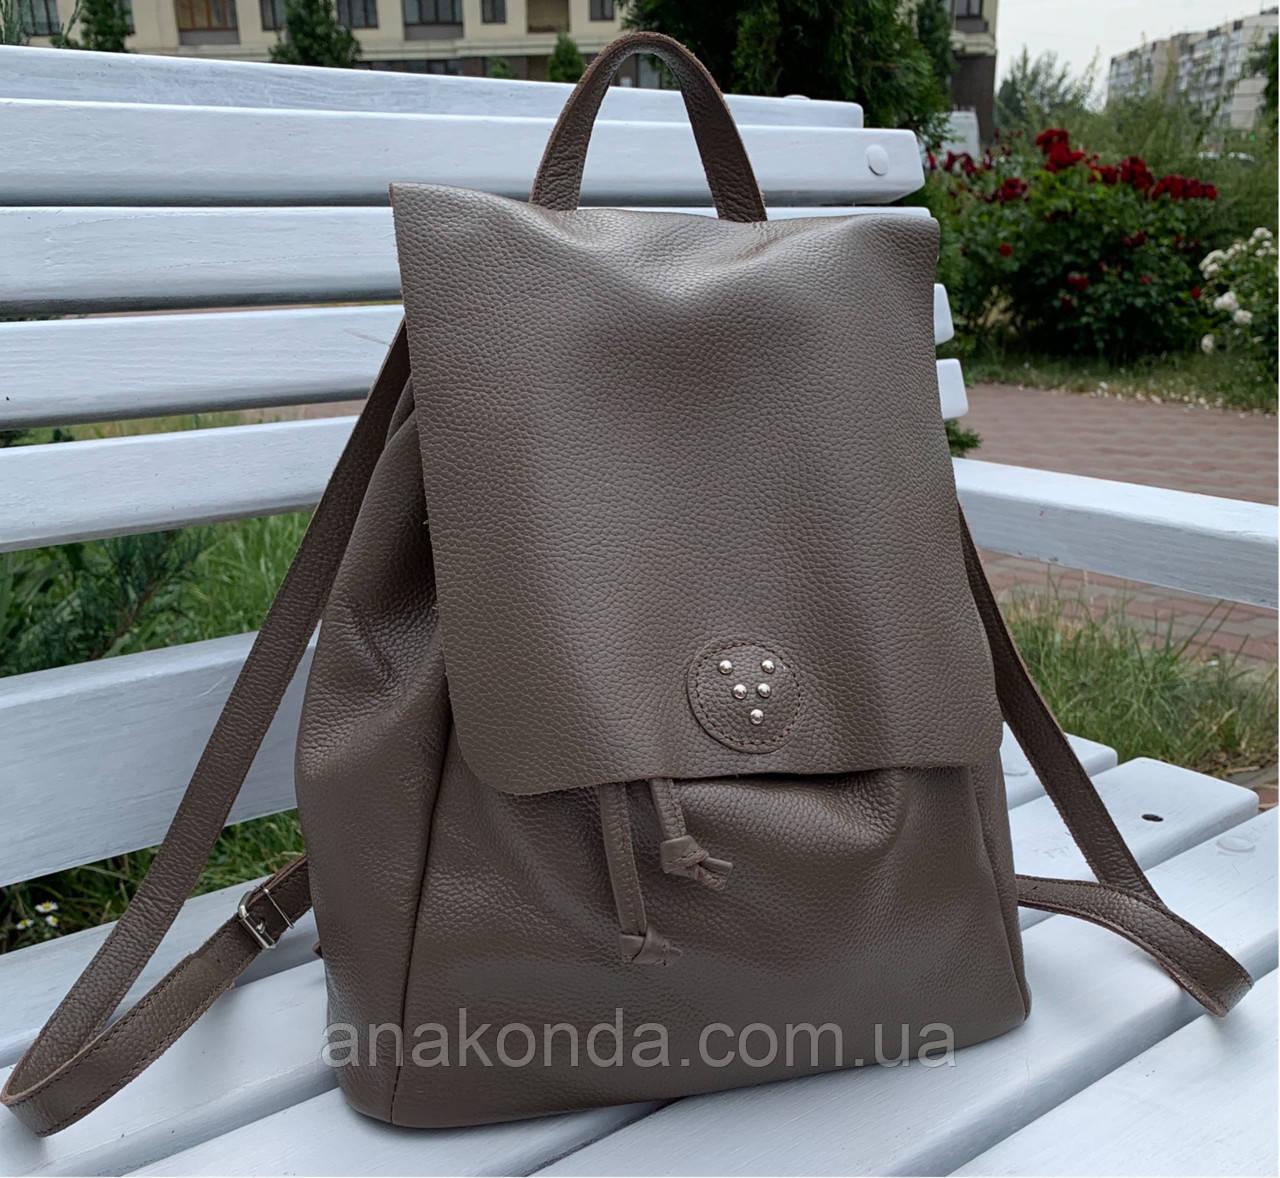 664-1 Натуральная кожа Городской А-4 рюкзак кожаный кофейный рюкзак женский из натуральной кожи коричневы А4+